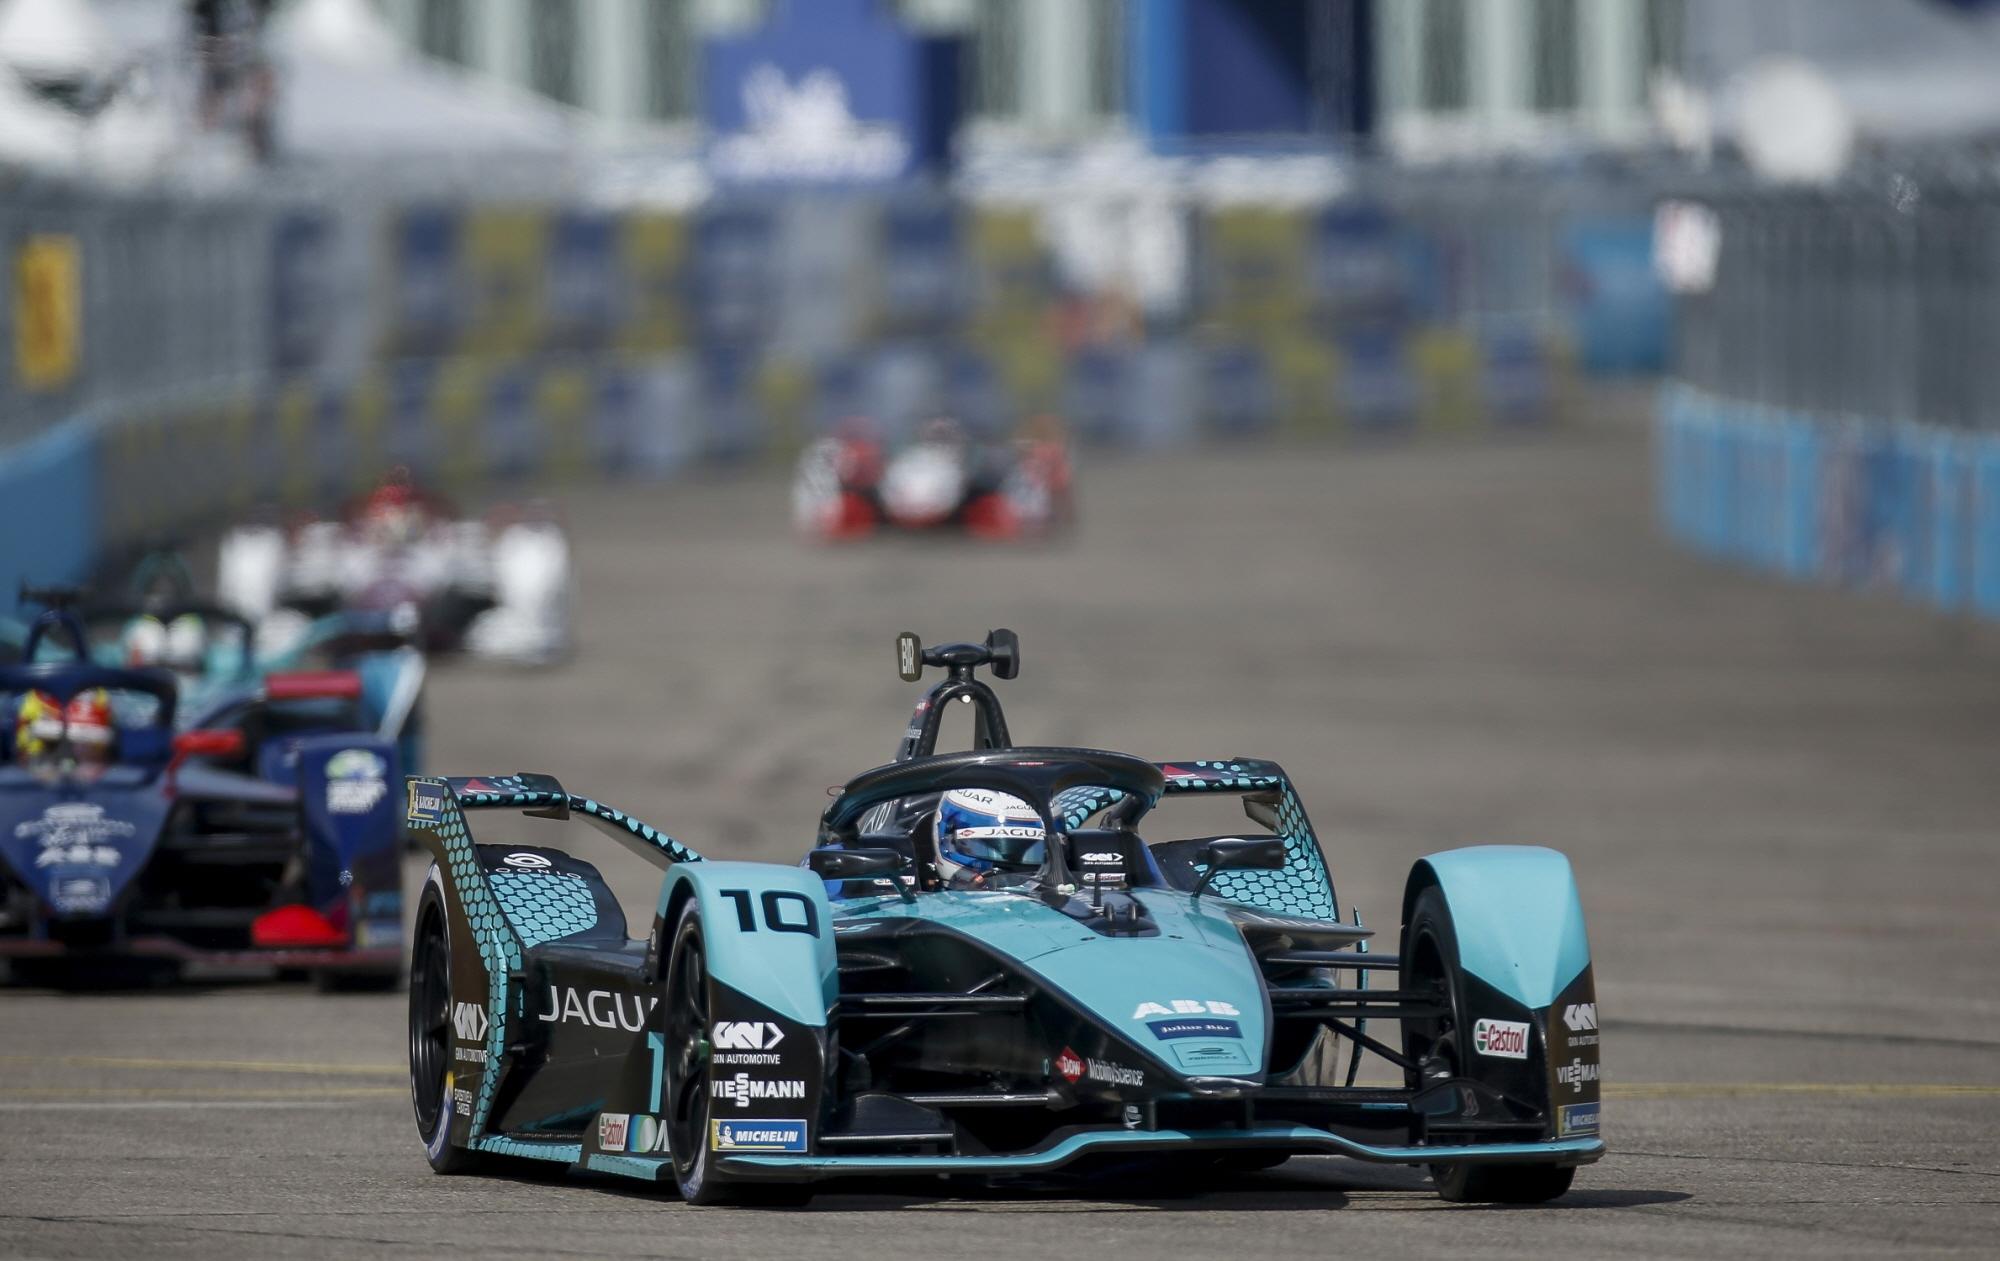 재규어, ABB FIA 포뮬러 E 월드 챔피언십 준우승